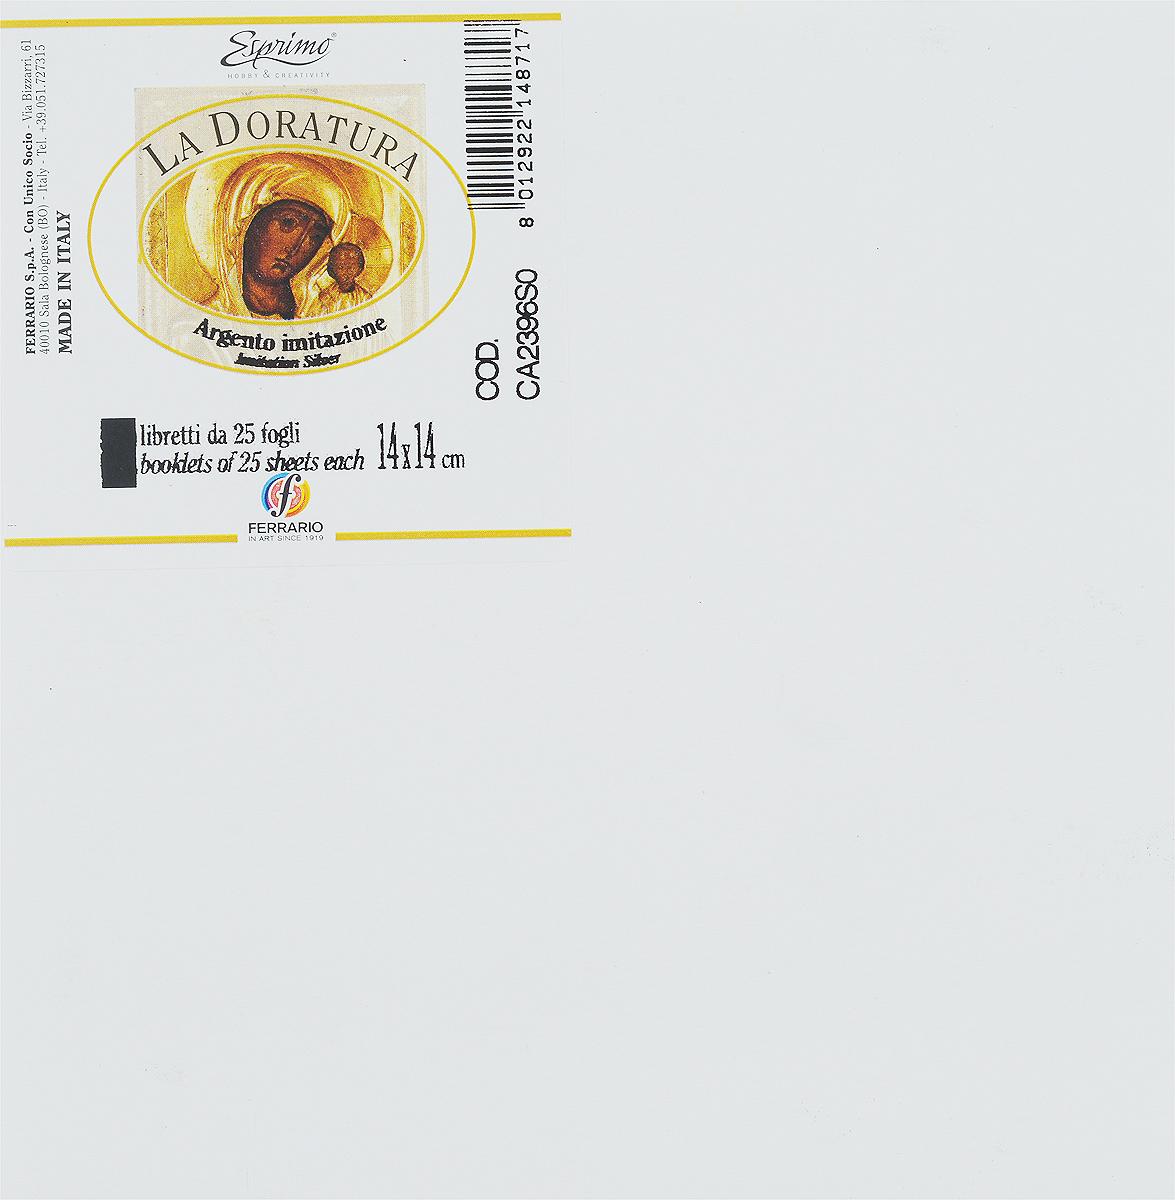 Ferrario Поталь для золочения в листах CA2396SOCA2396SOПоталь серии LA DORATURA итальянской компании Ferrario – это имитация сусального золота, серебра или меди, которая применяется для декорирования мебели и различных предметов интерьера. Она используется как в профессиональном декорировании, так и в любительском творчестве. Поталь в листах с имитацией серебра представляет собой металлическую фольгу серебряного цвета. Может применяться для серебрения предметов с различной поверхностью: дерево, керамика, стекло, картон, гипс и другие. Разрезать листы потали необходимо специальными острыми стальными ножами, иначе листы помнутся. Рекомендуется как можно меньше дотрагиваться до листов руками и использовать специальные инструменты и аксессуары для золочения. Поталь 14х14см. 25 листов.